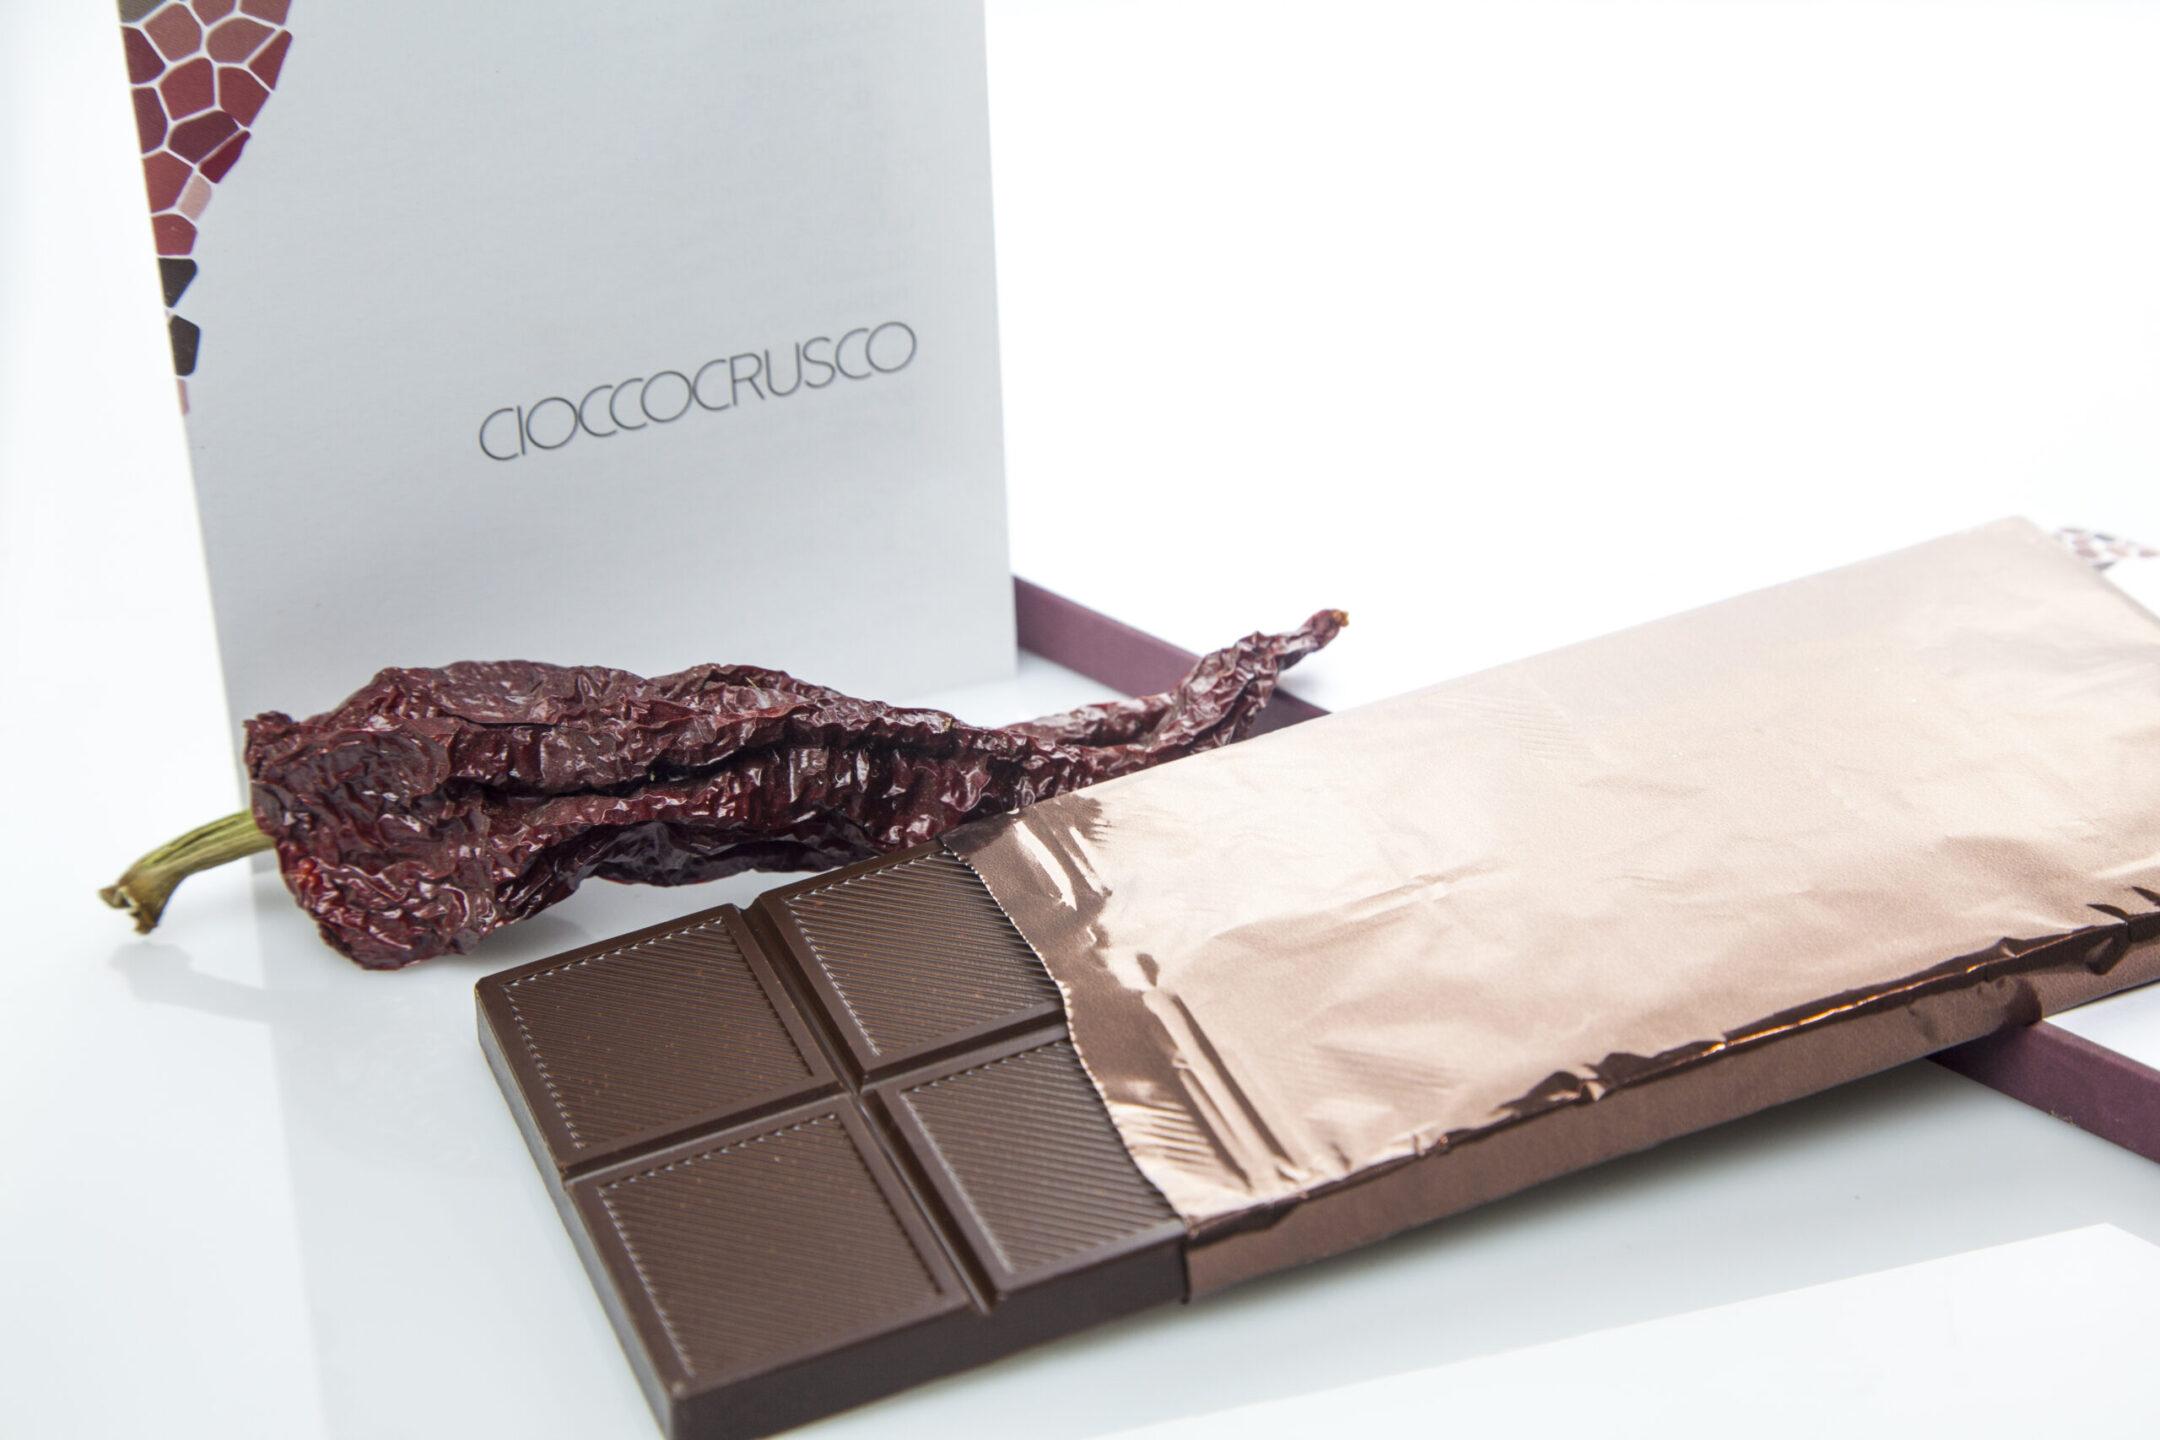 cioccocrusco